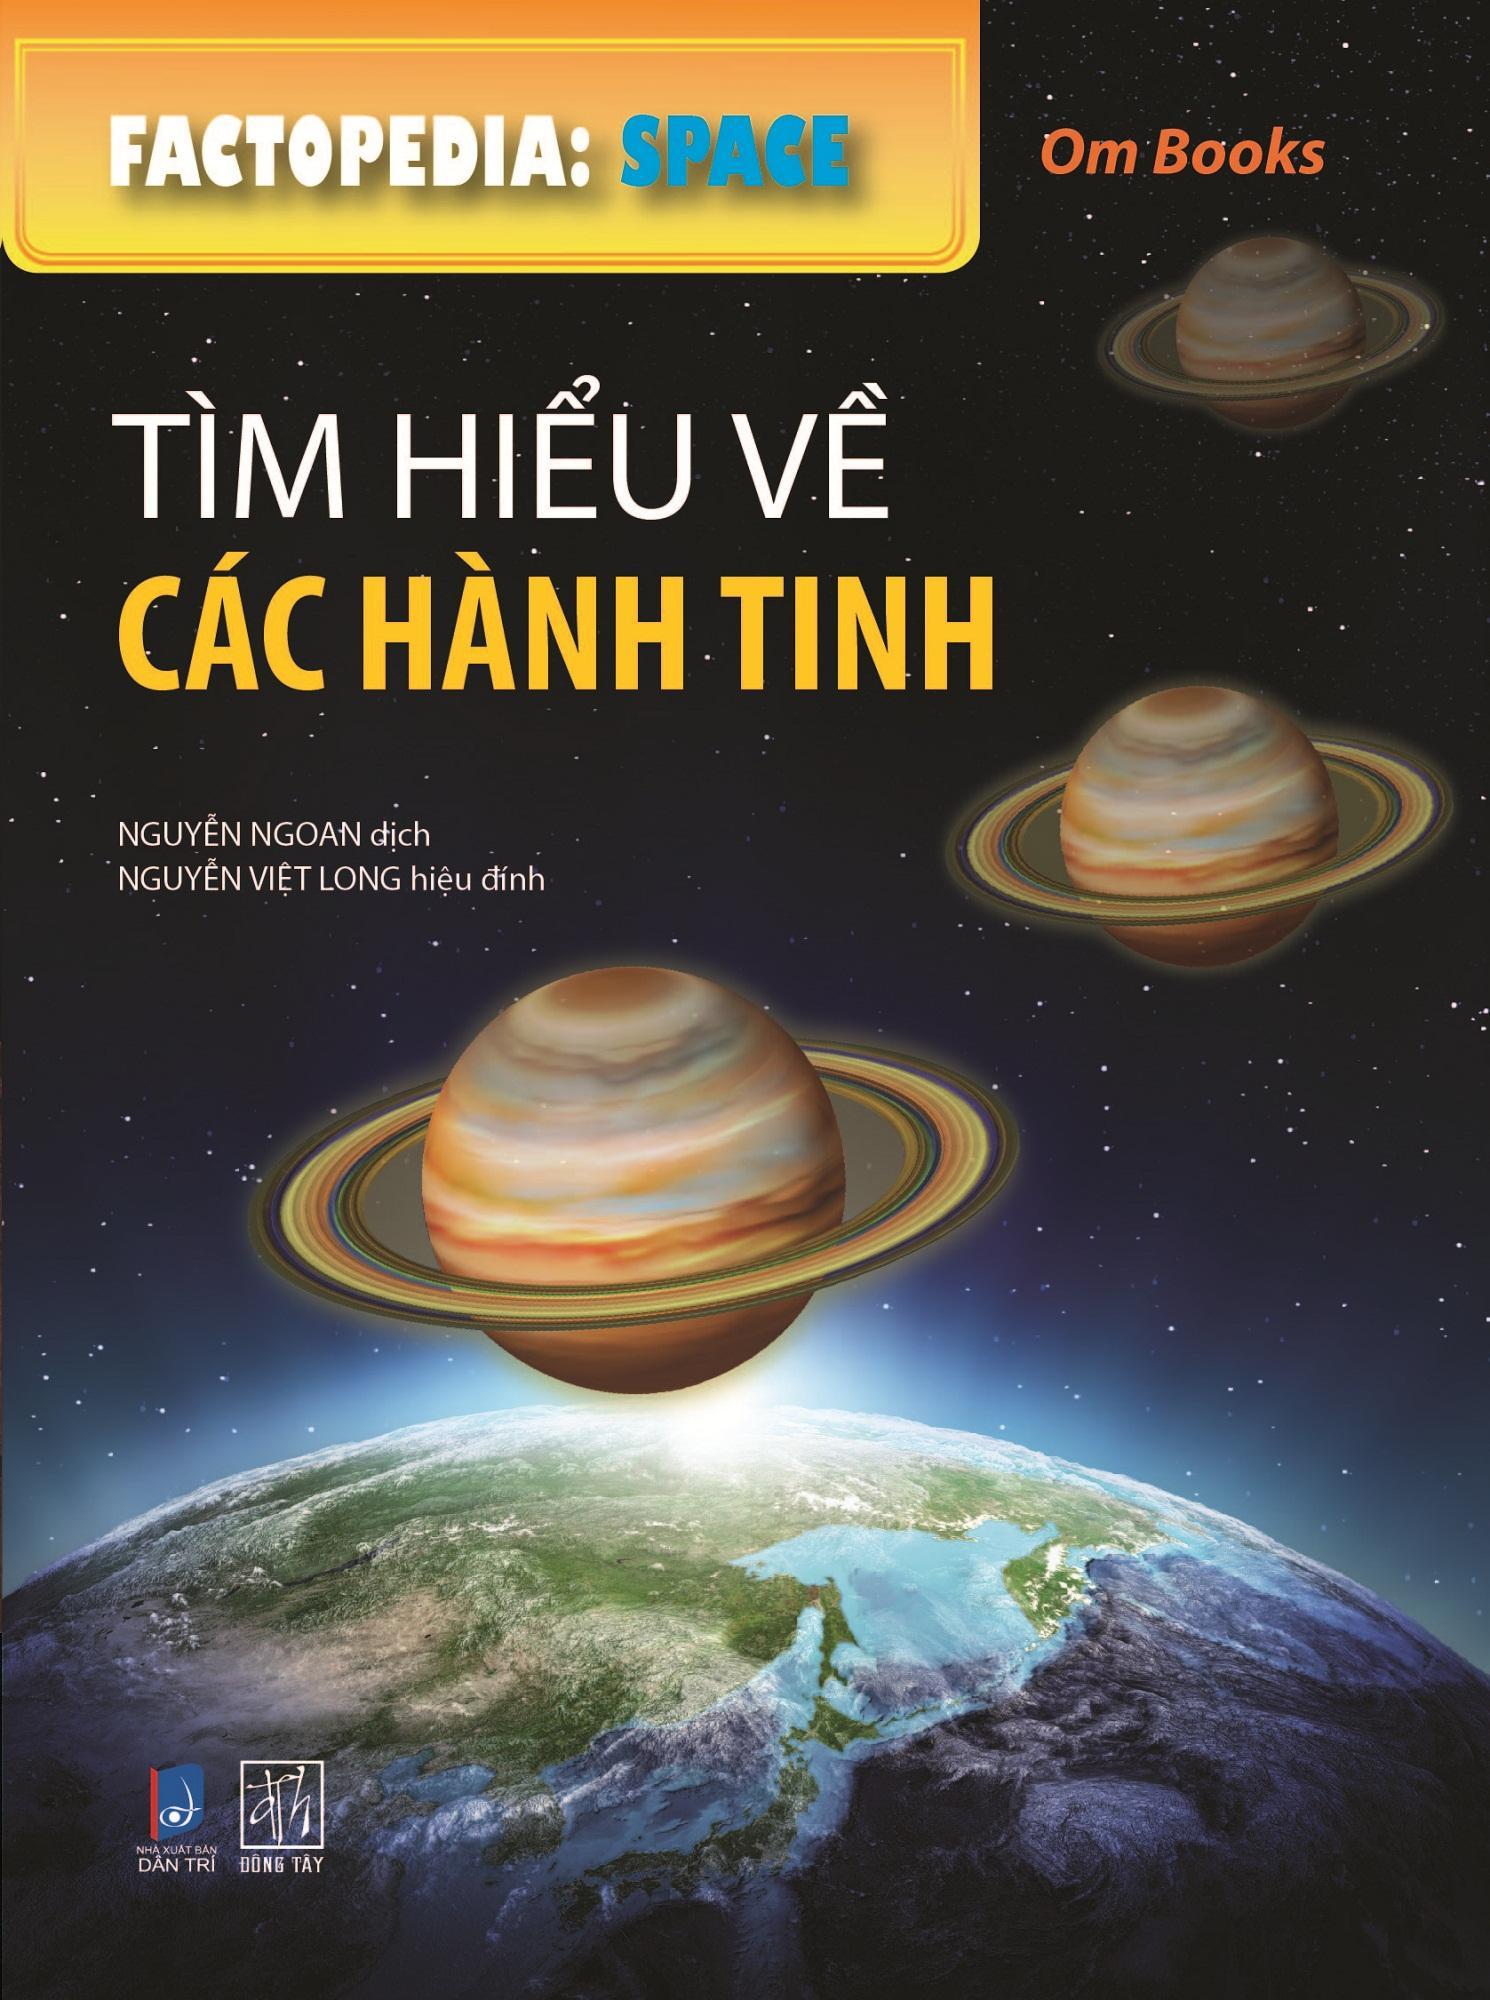 Mua Factopedia: Space - Tìm hiểu về các hành tinh